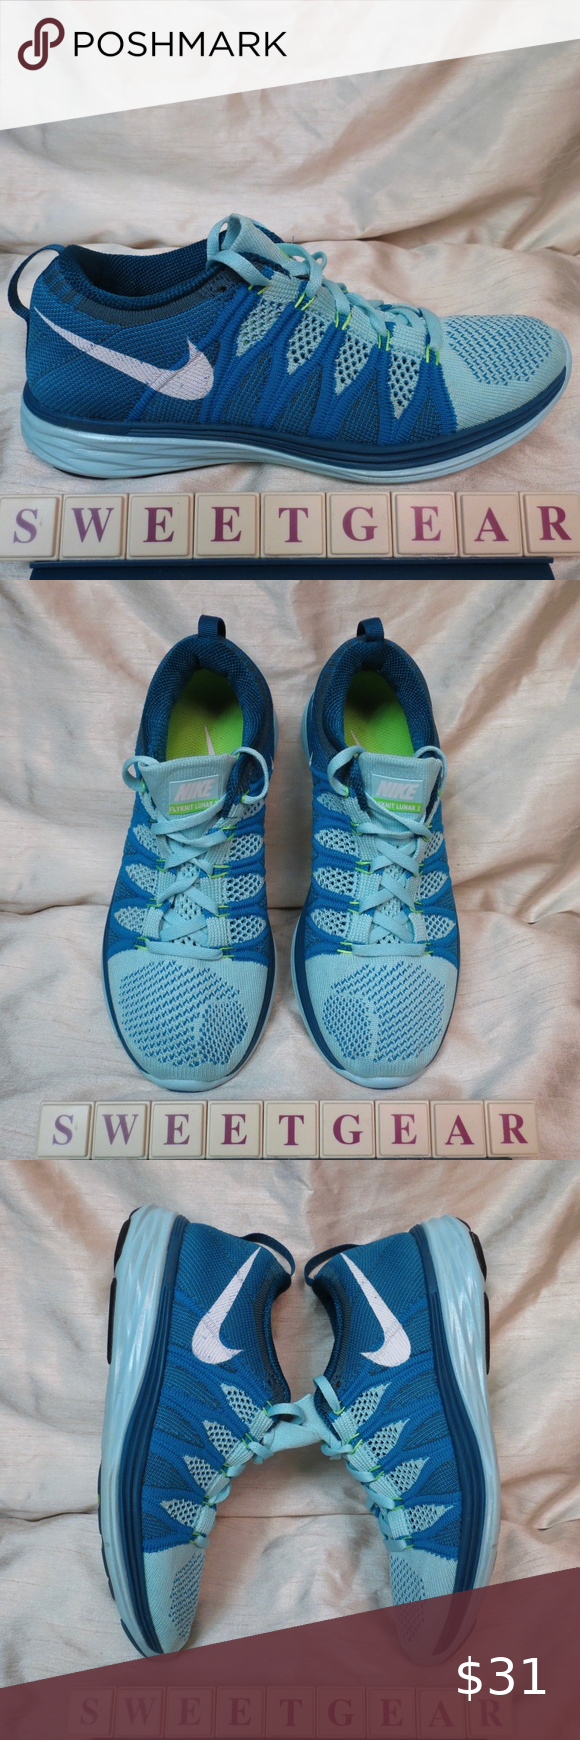 ballena azul Método papel  Nike Flyknit Lunar 2 Women's in 2020 | Custom nike shoes, Nike flyknit, Flyknit  lunar